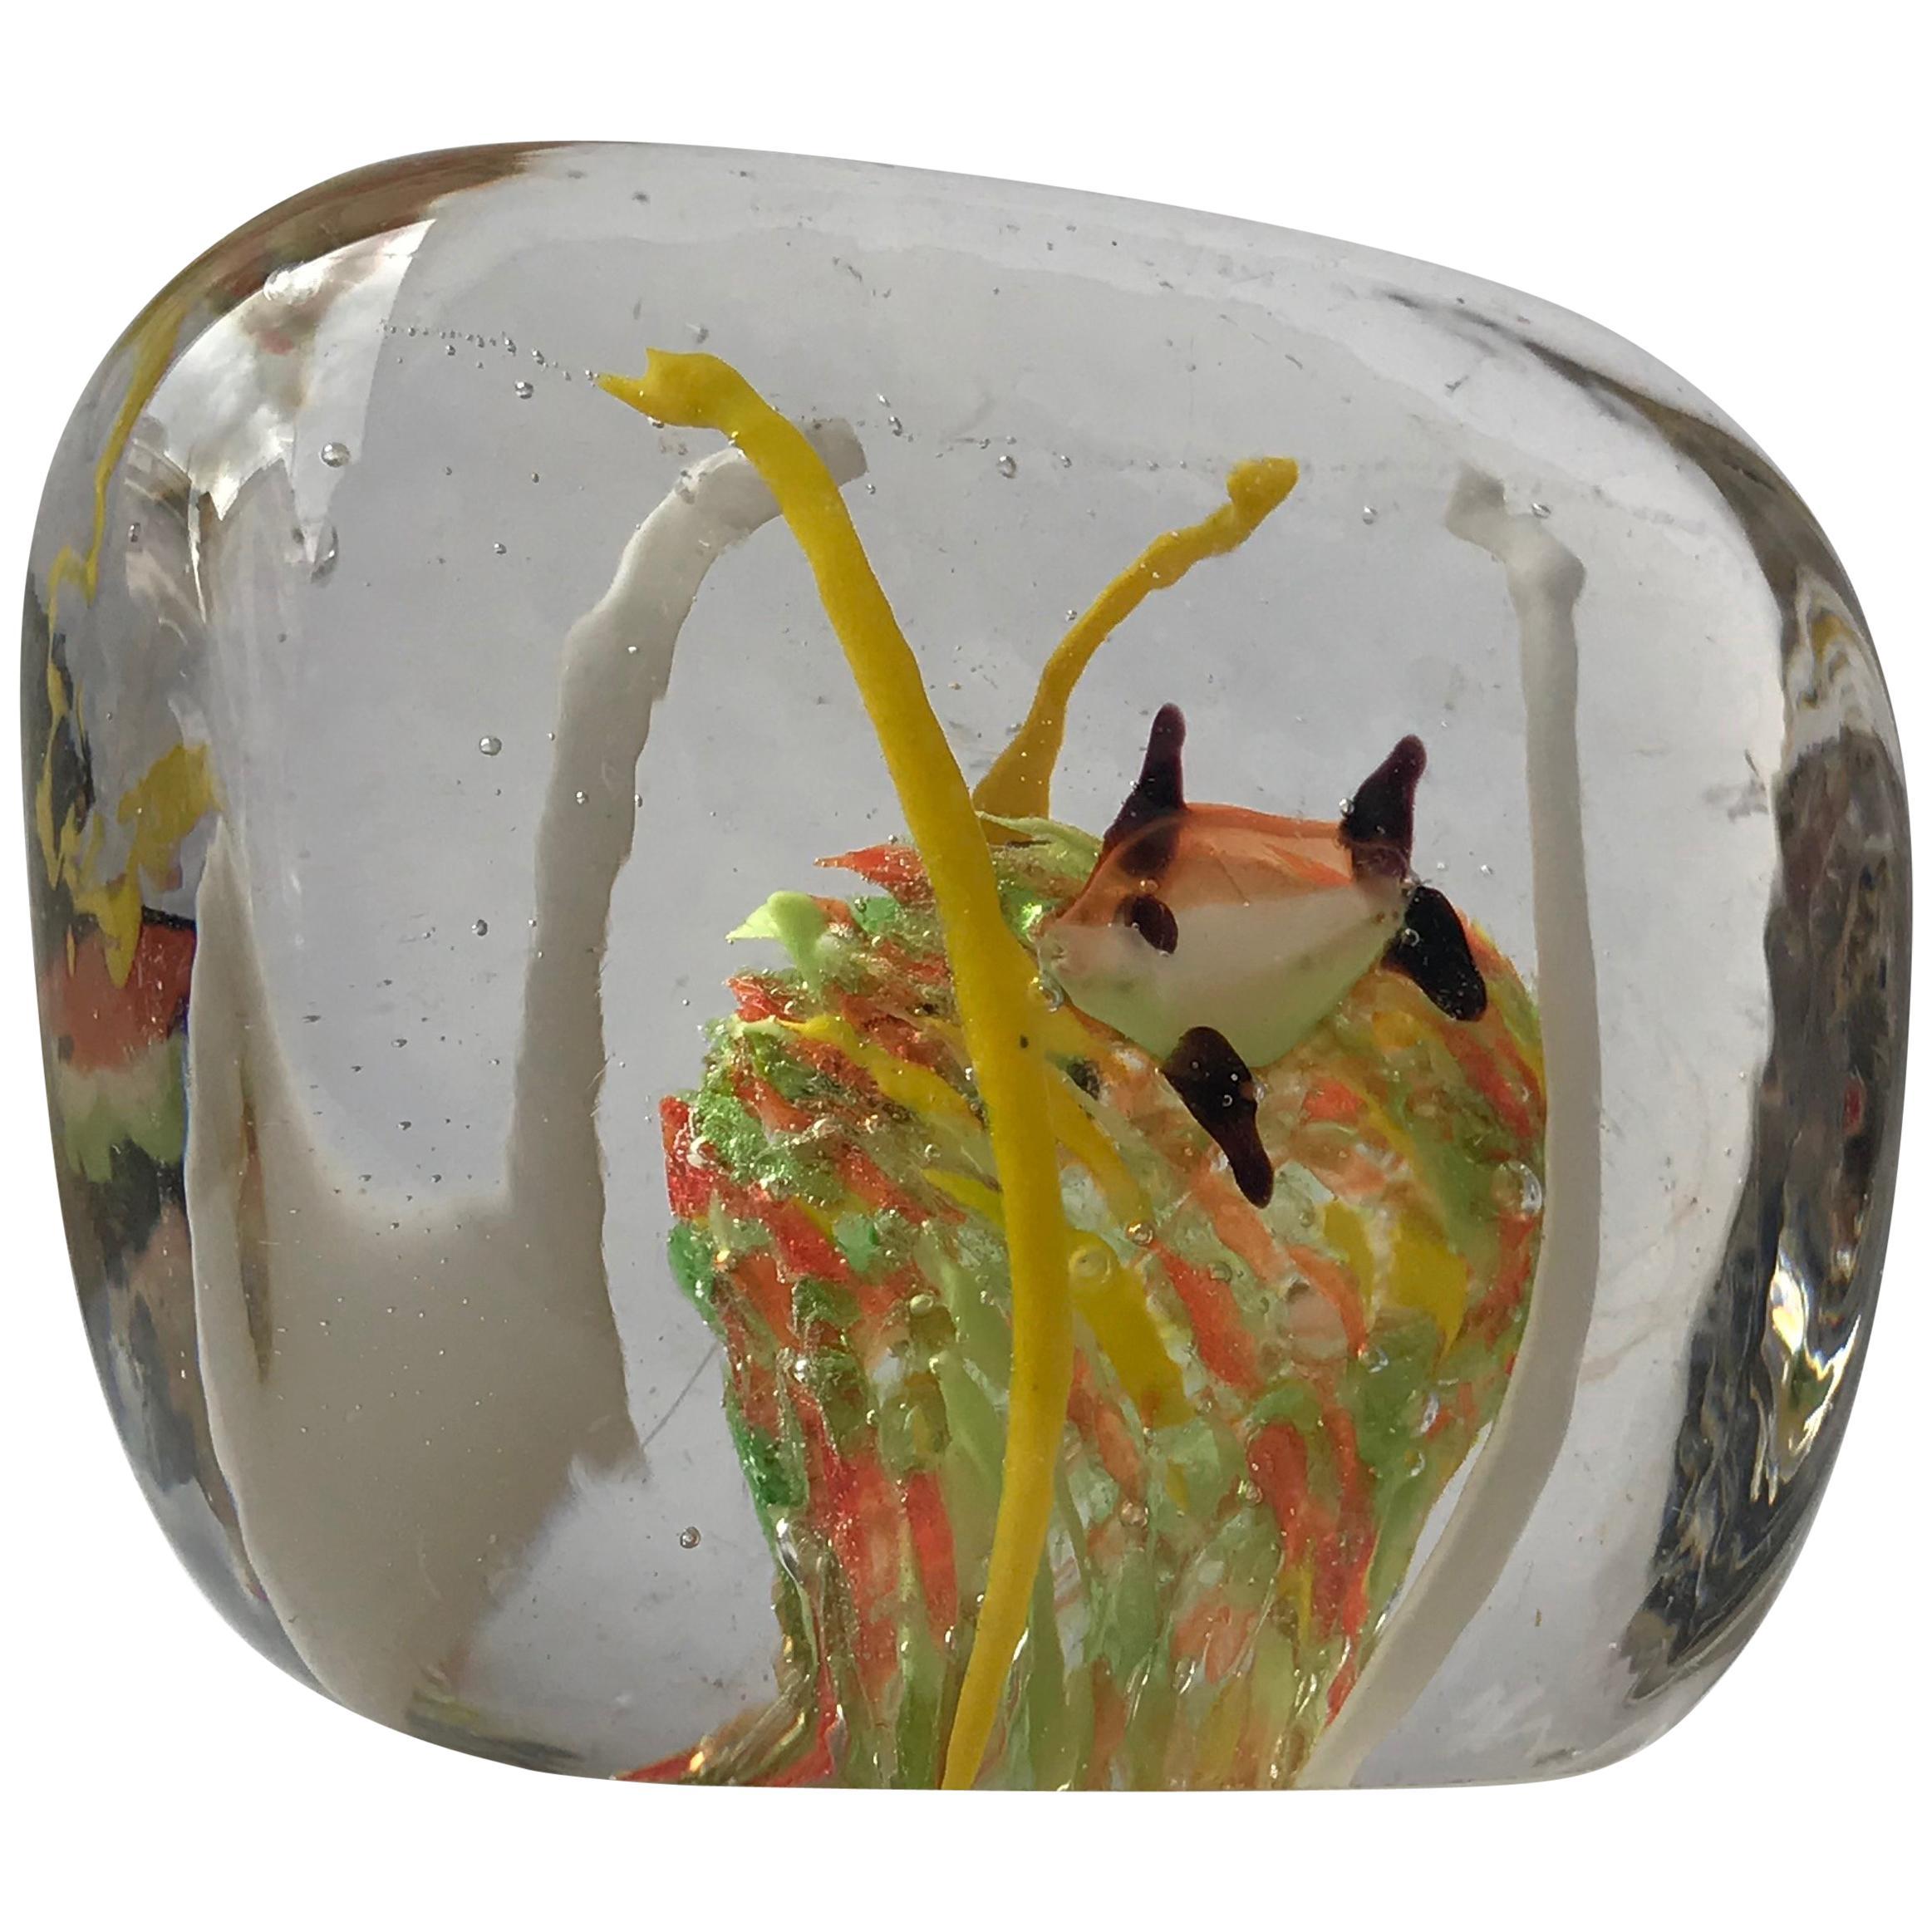 Orange Gold Fish Italian Art Glass Aquarium Block Sculpture, Cenedese Murano